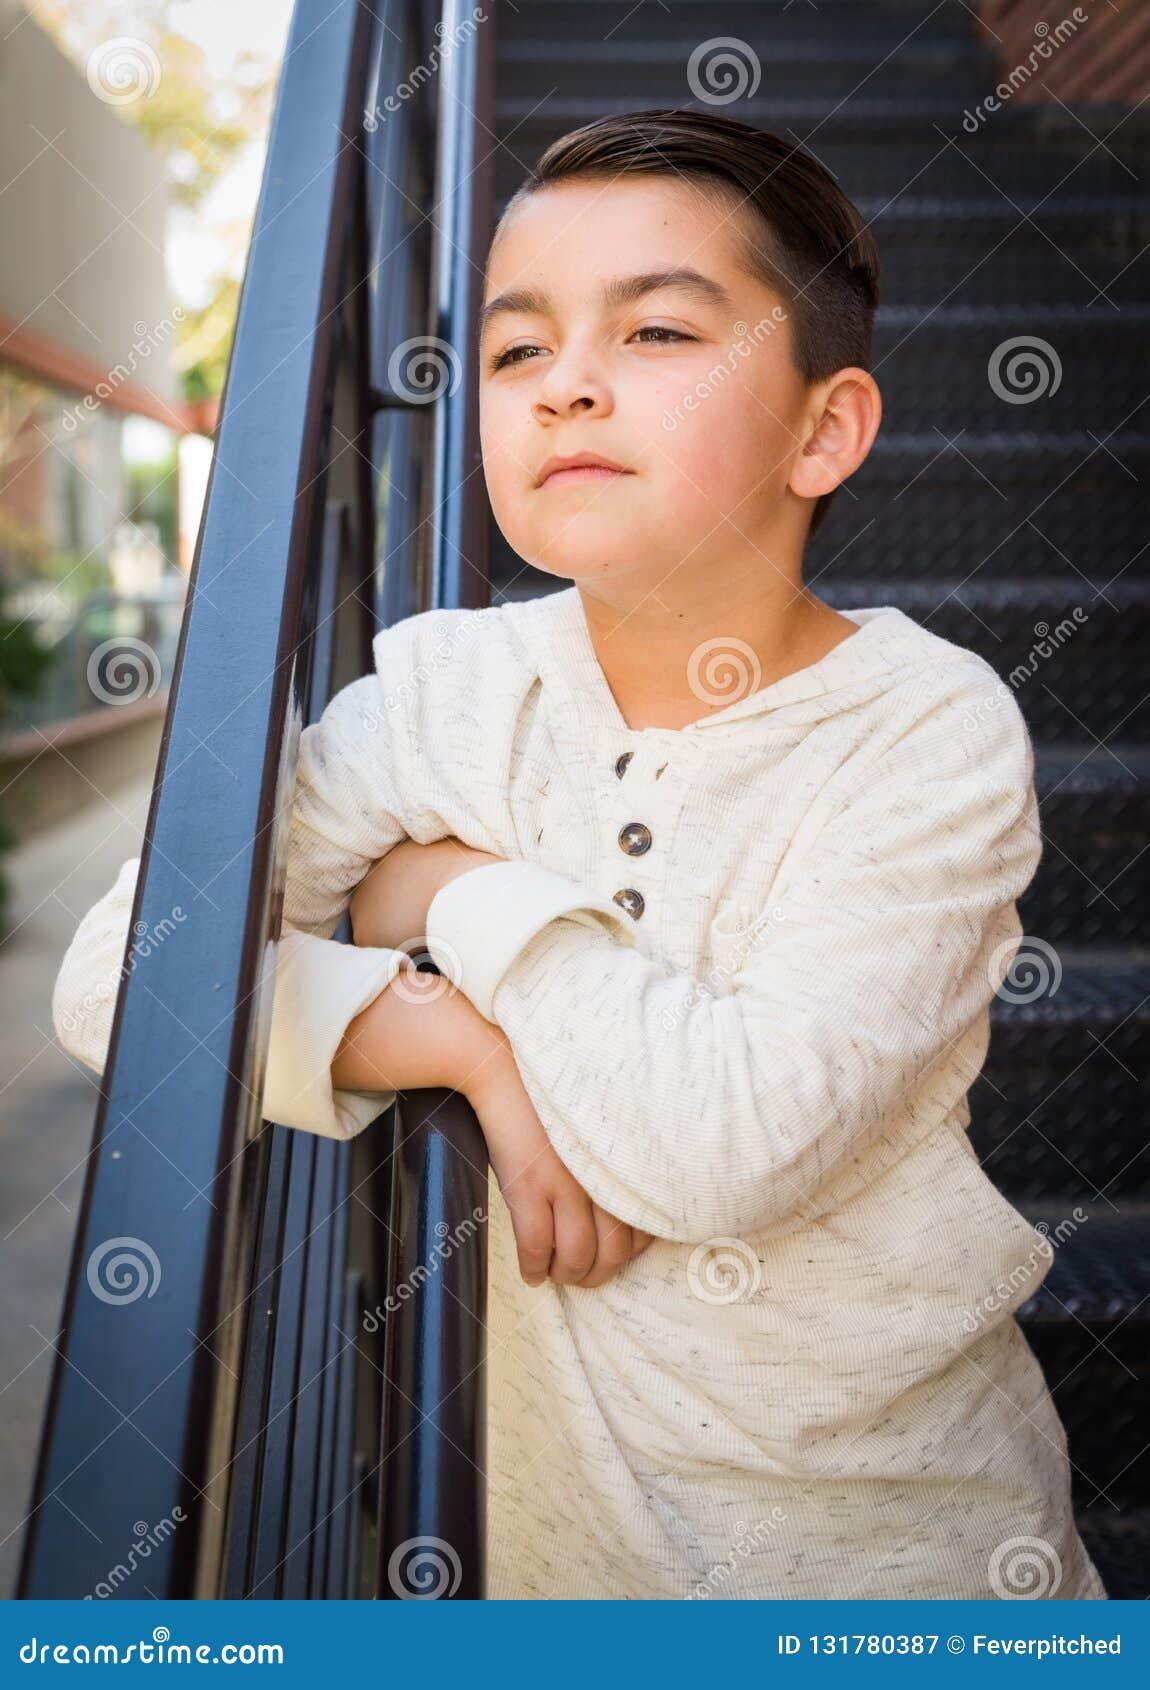 Mixed Race Young Hispanic Caucasian Boy